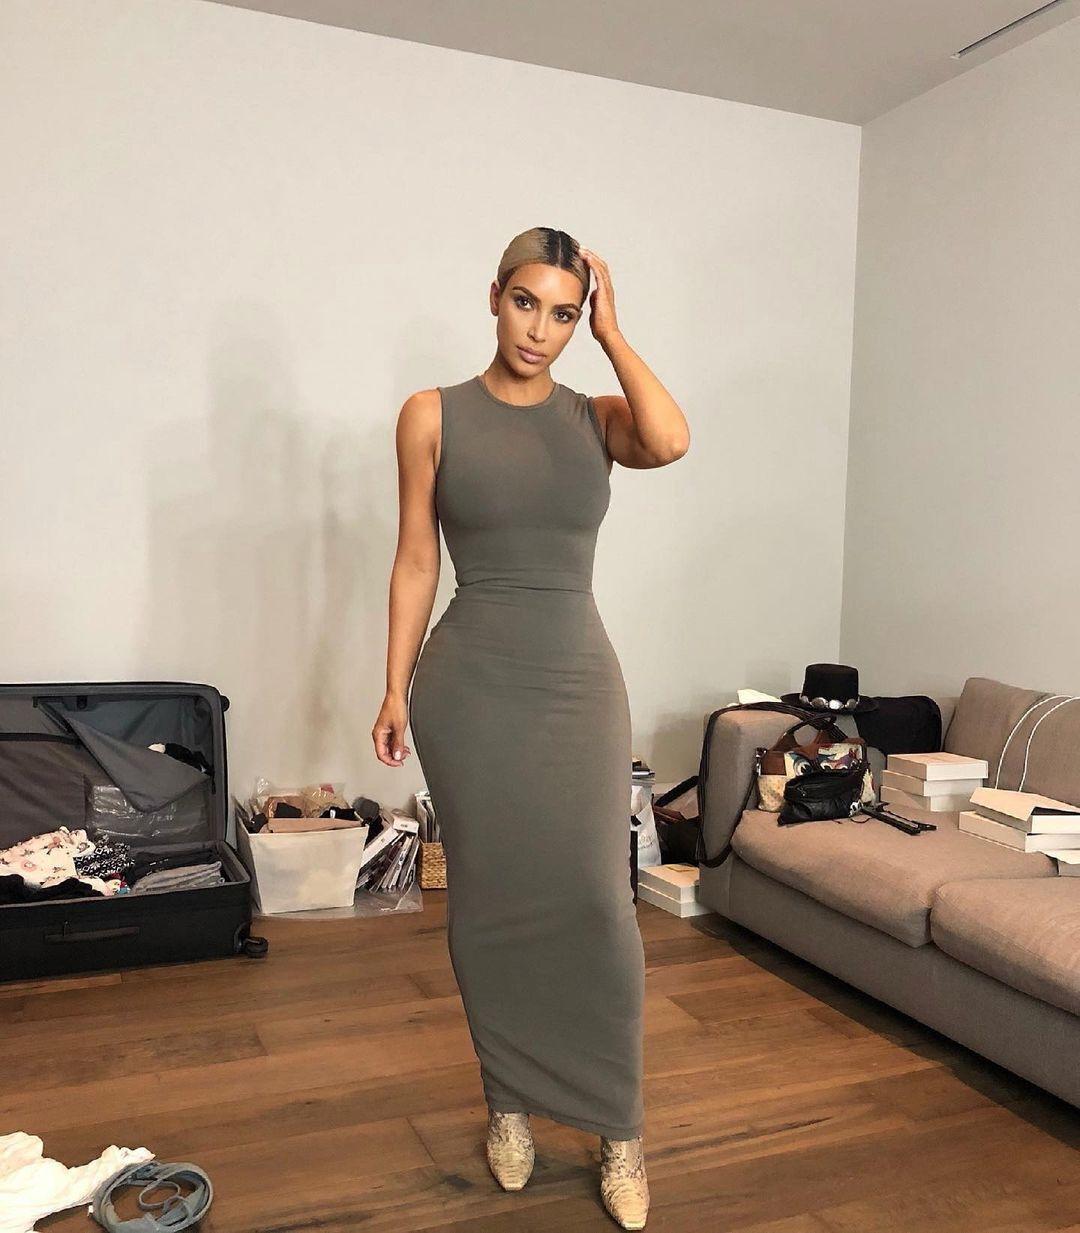 Ким Кардашьян показывала свою жизнь еще до того, как это стало модным